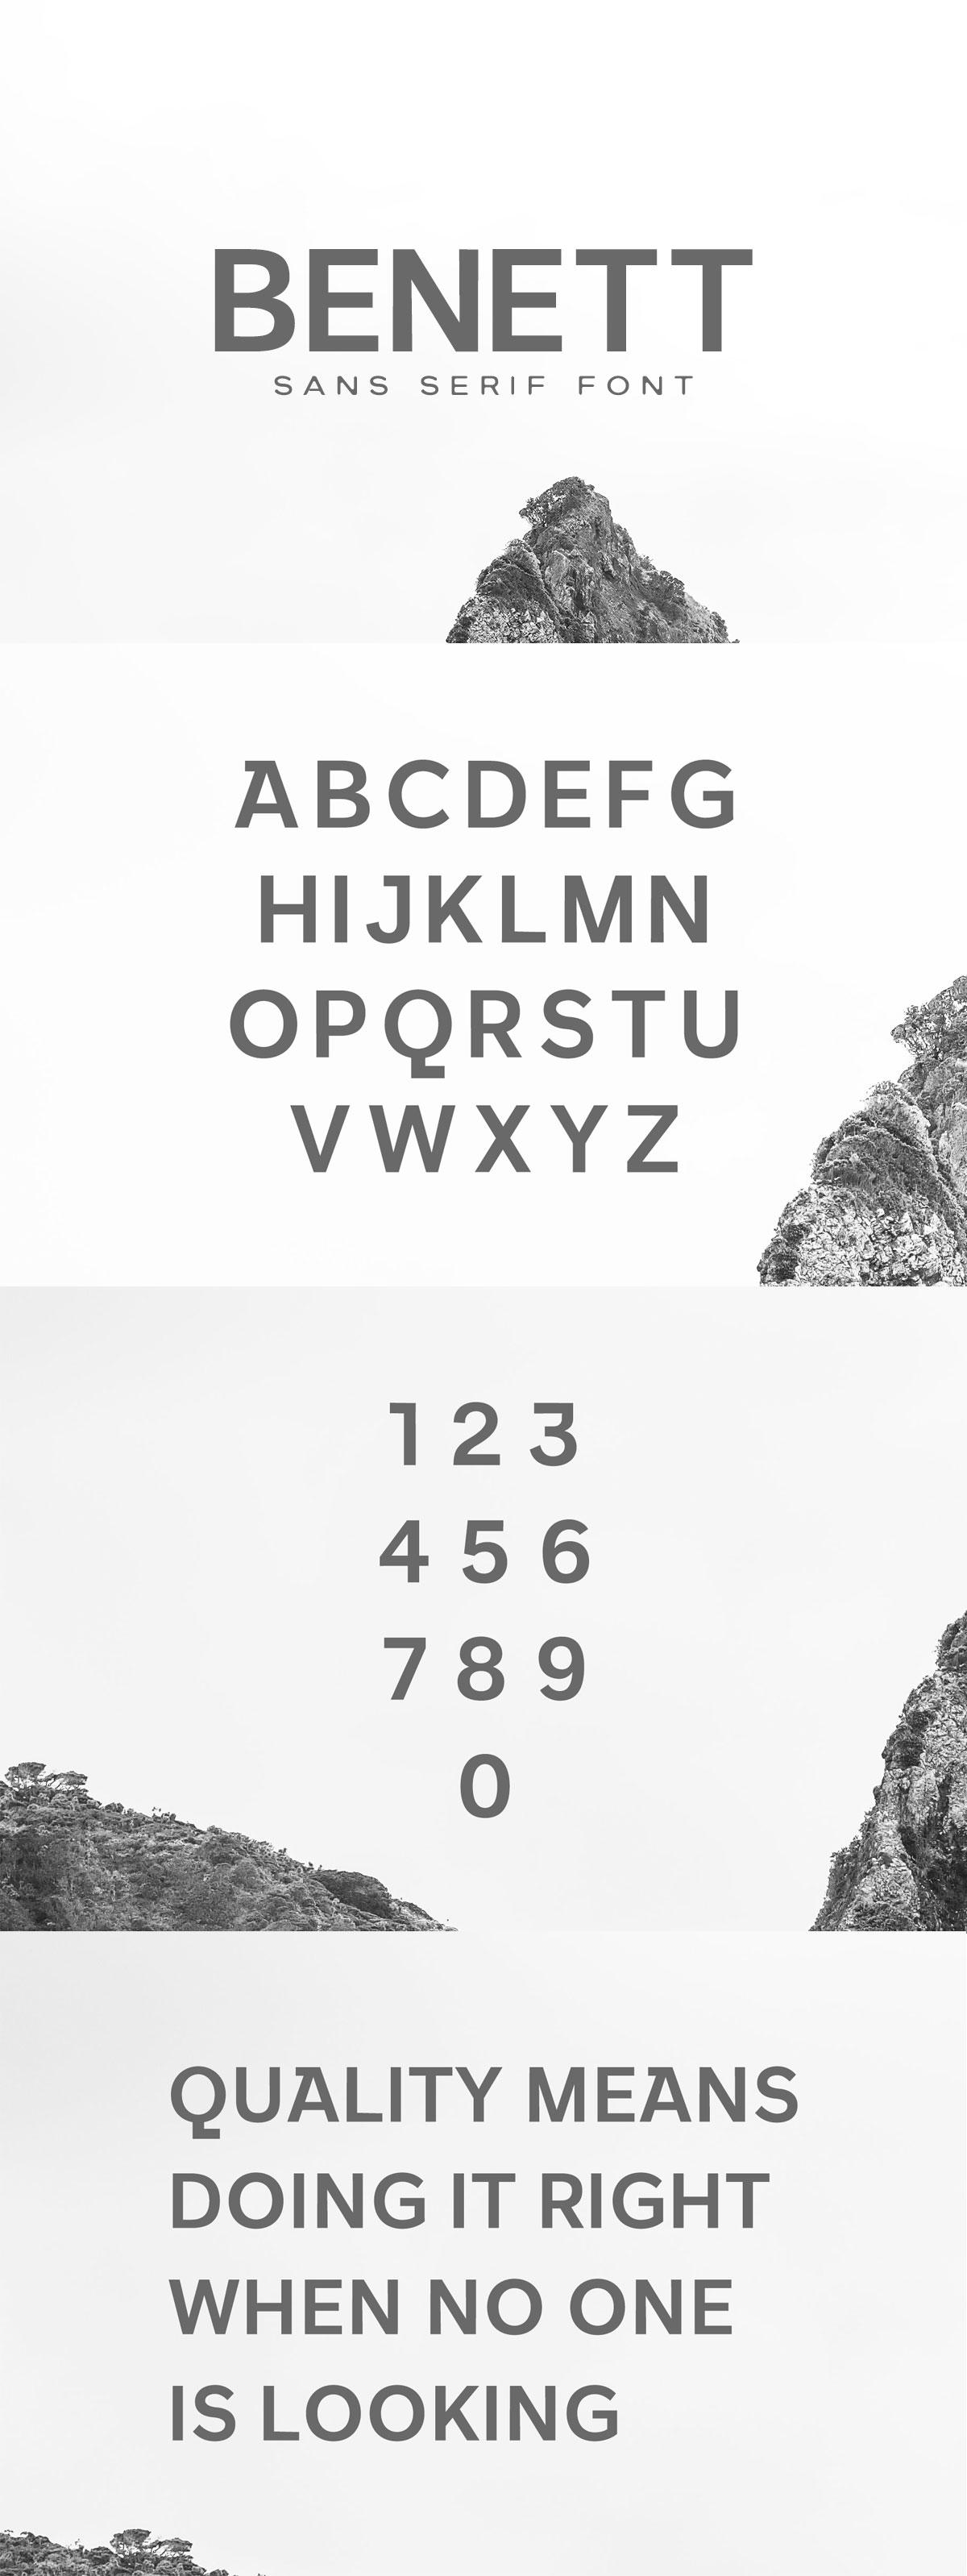 Free Benett Sans Serif Font